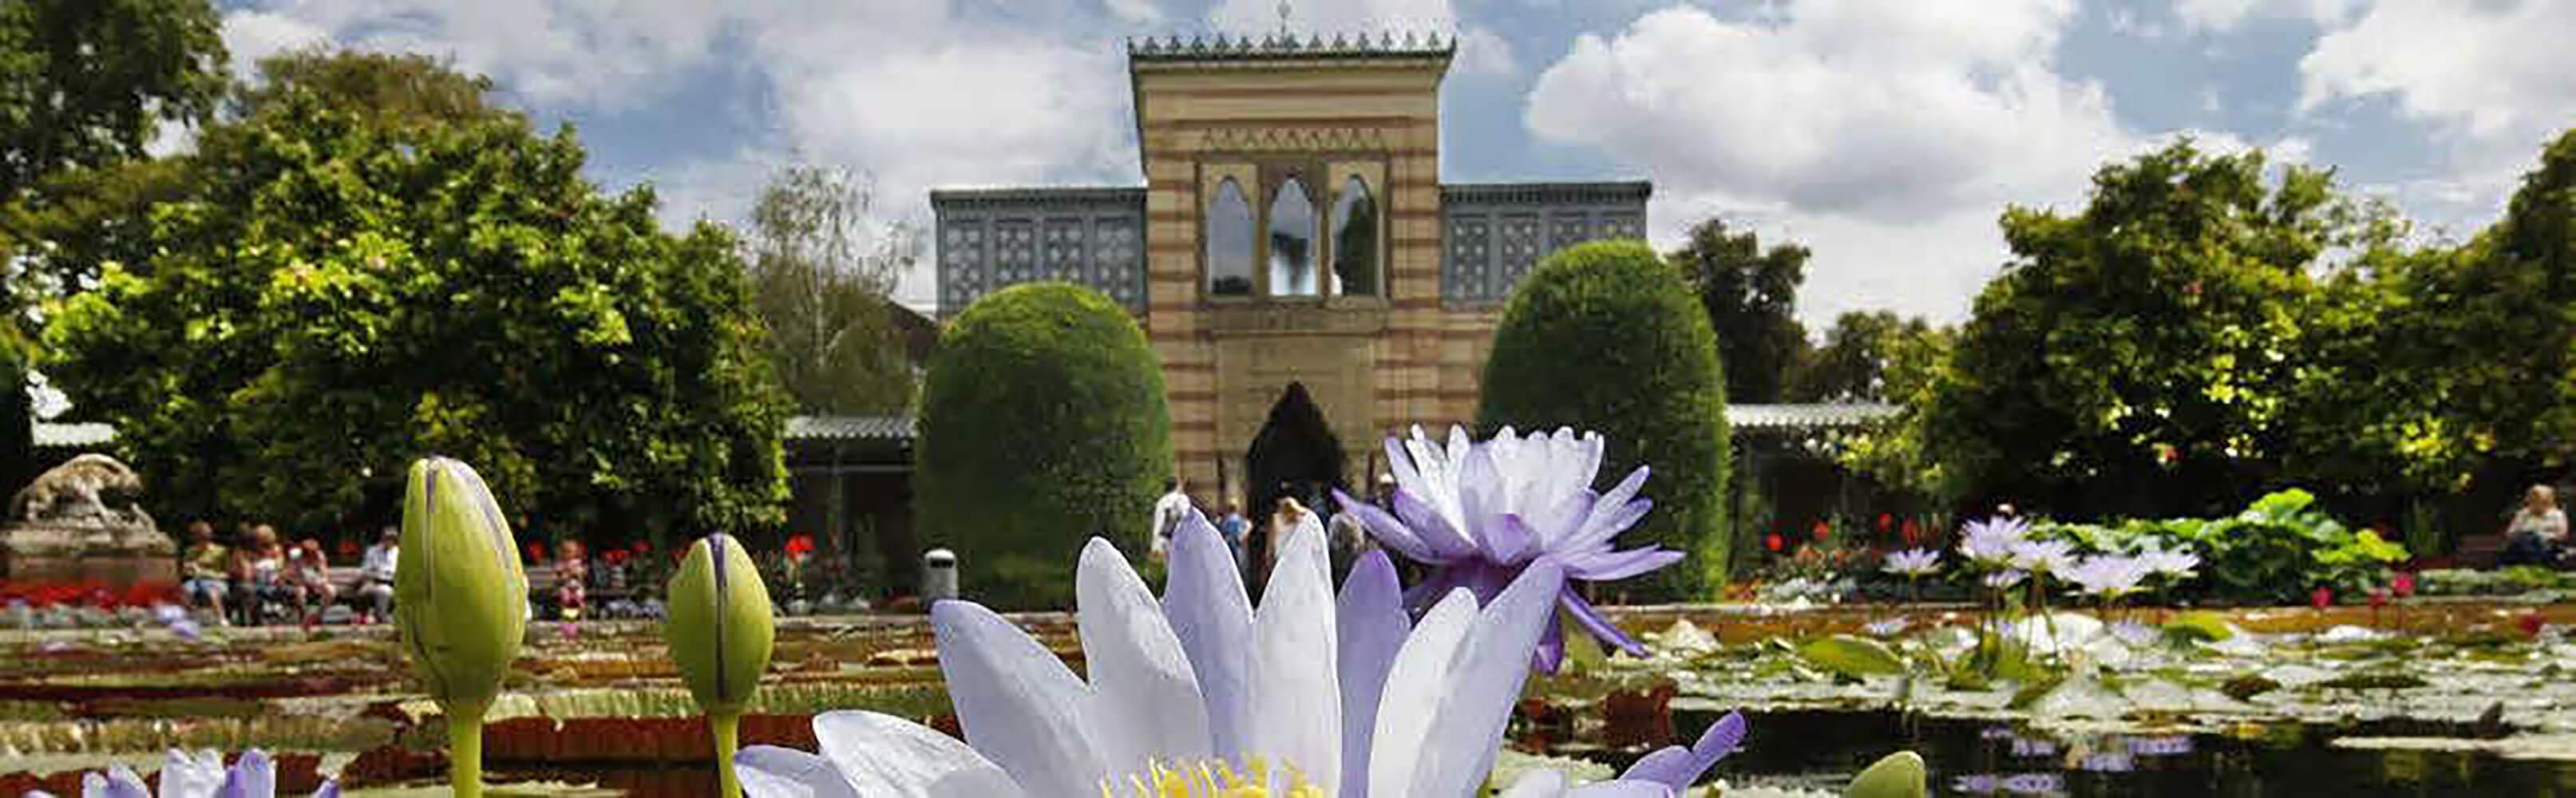 Die Wilhelma - zoologischer und botanischer Garten Stuttgart 1